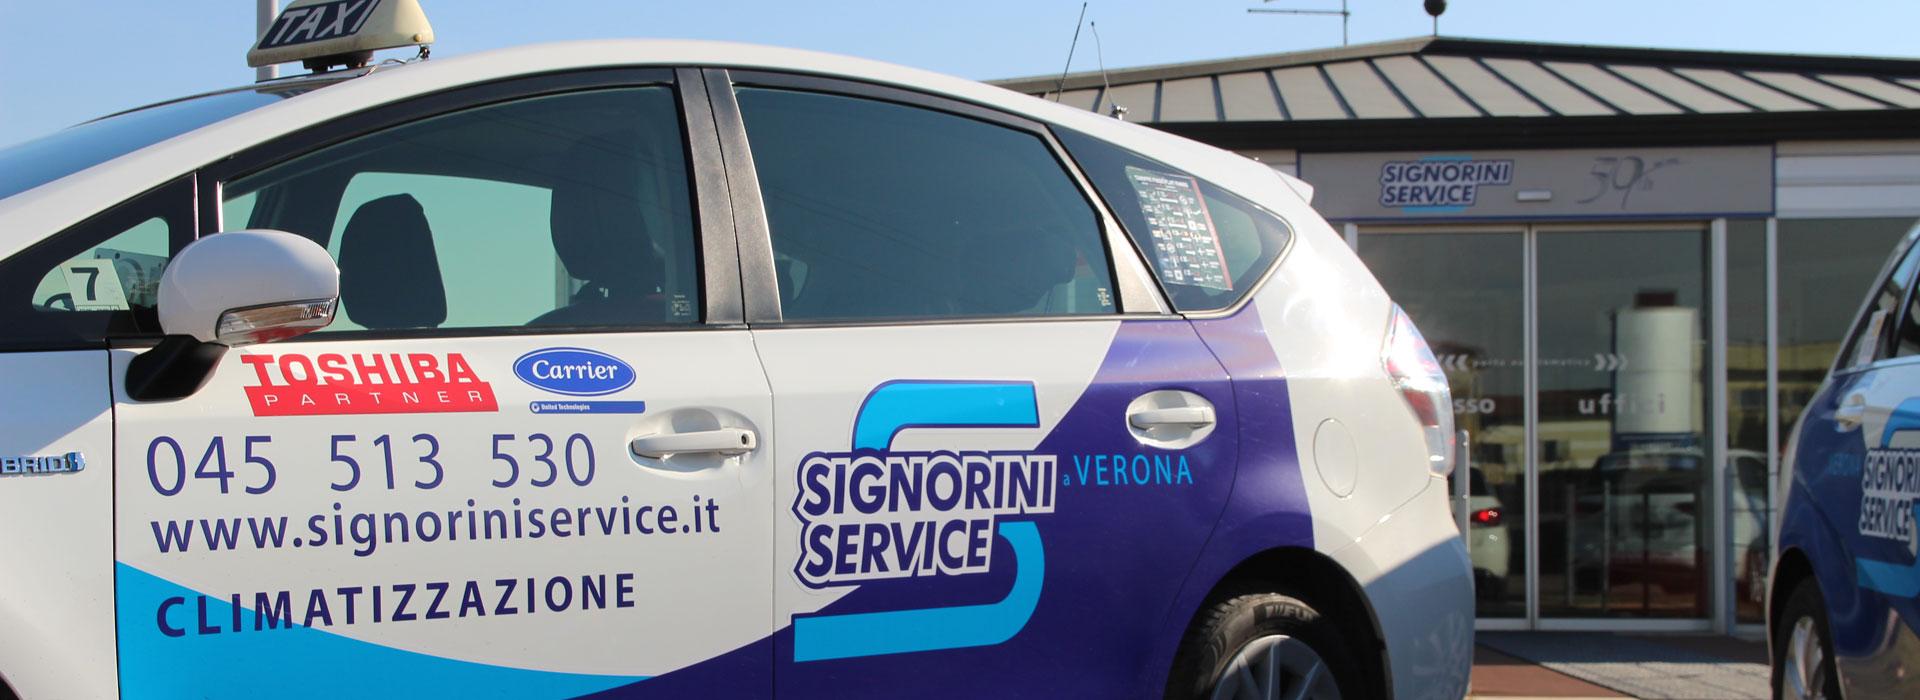 Sponsor Signorini Service Taxi 01.jpg